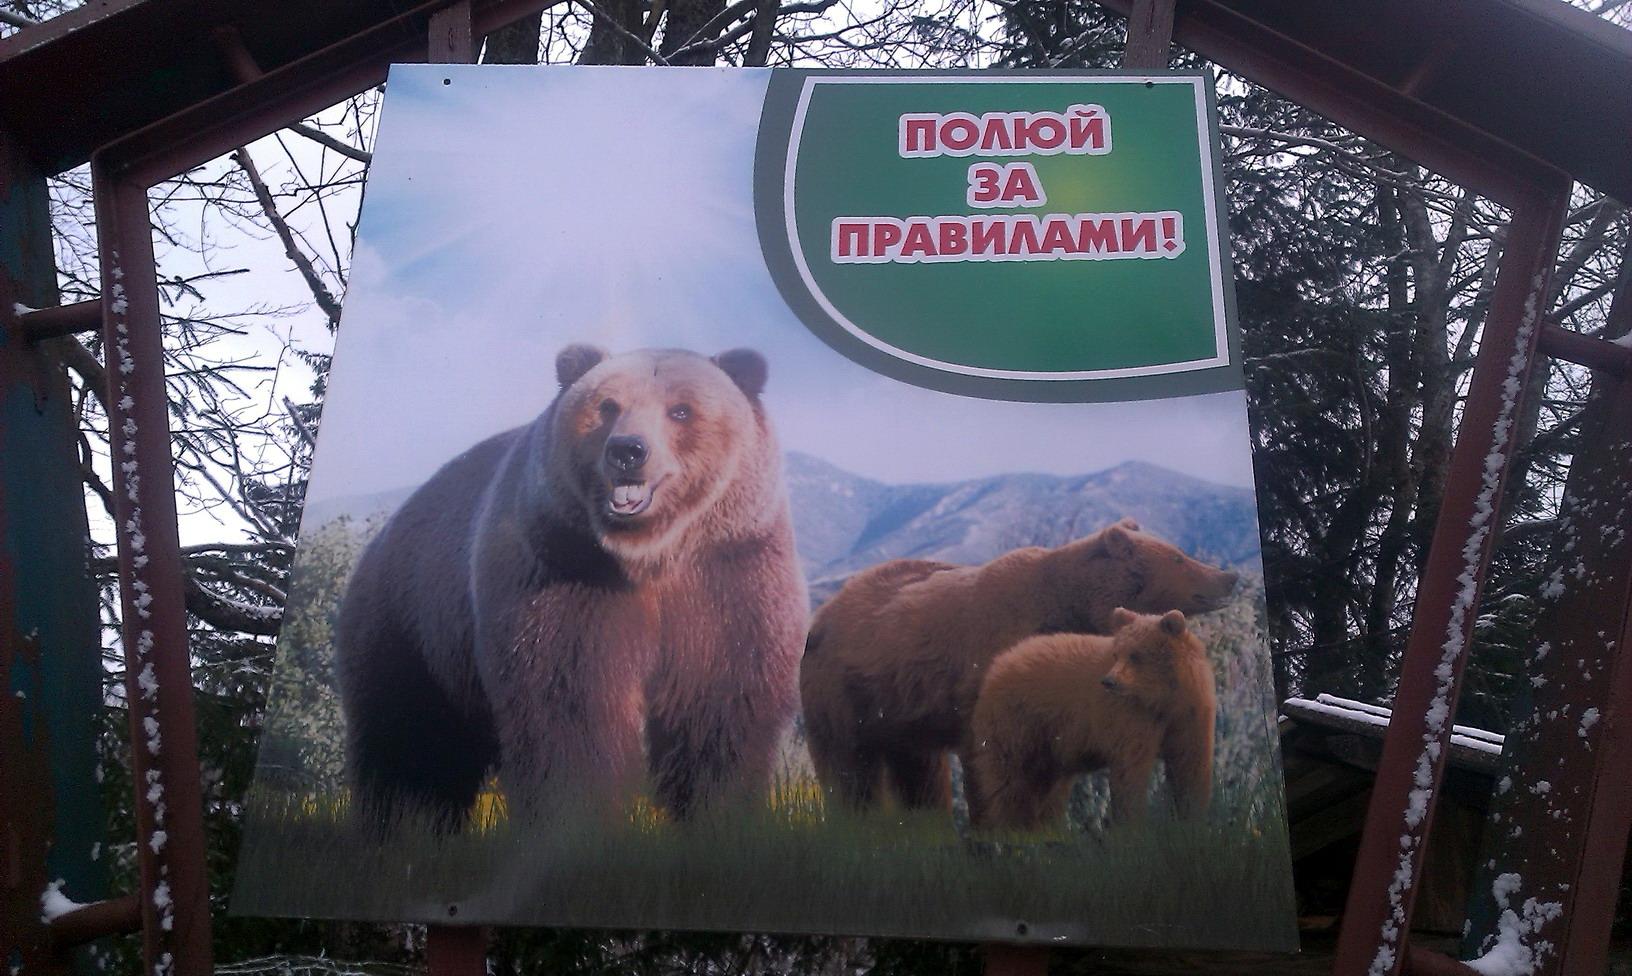 Полюй за правилами :-)